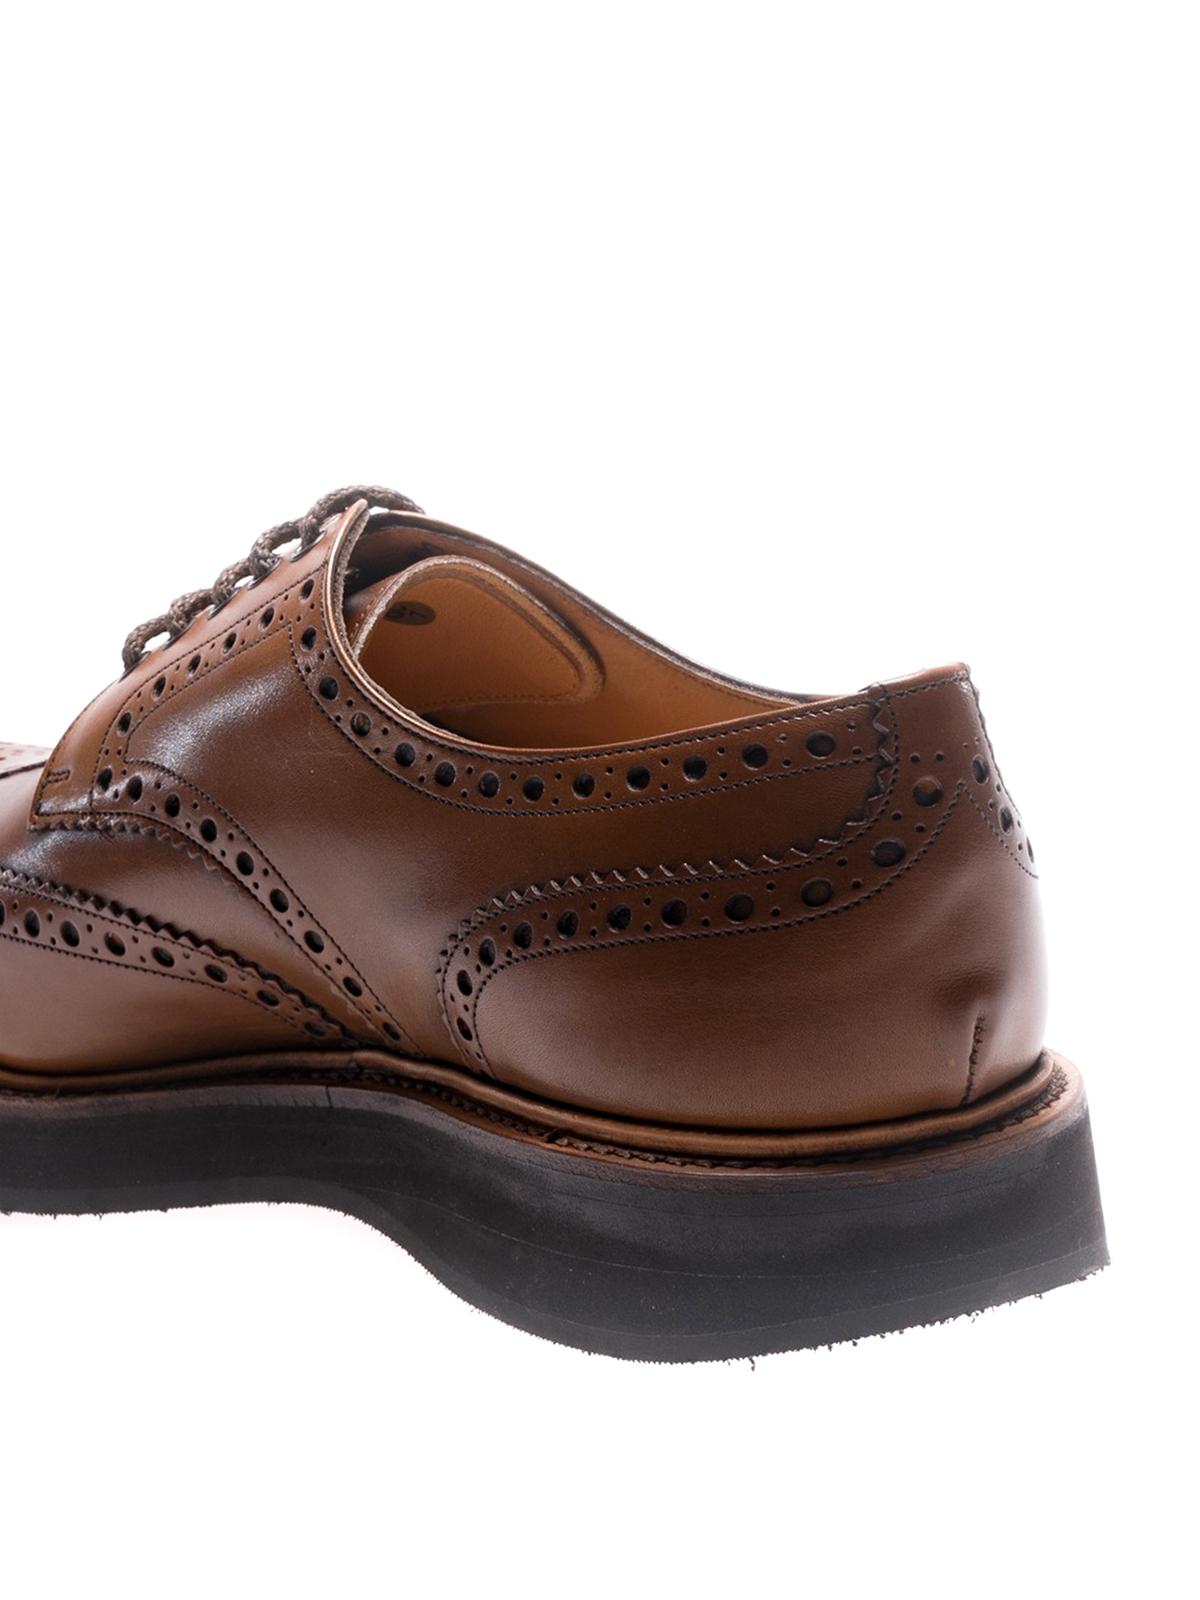 Tewin derby shoes Churchs Ax8f1qytW